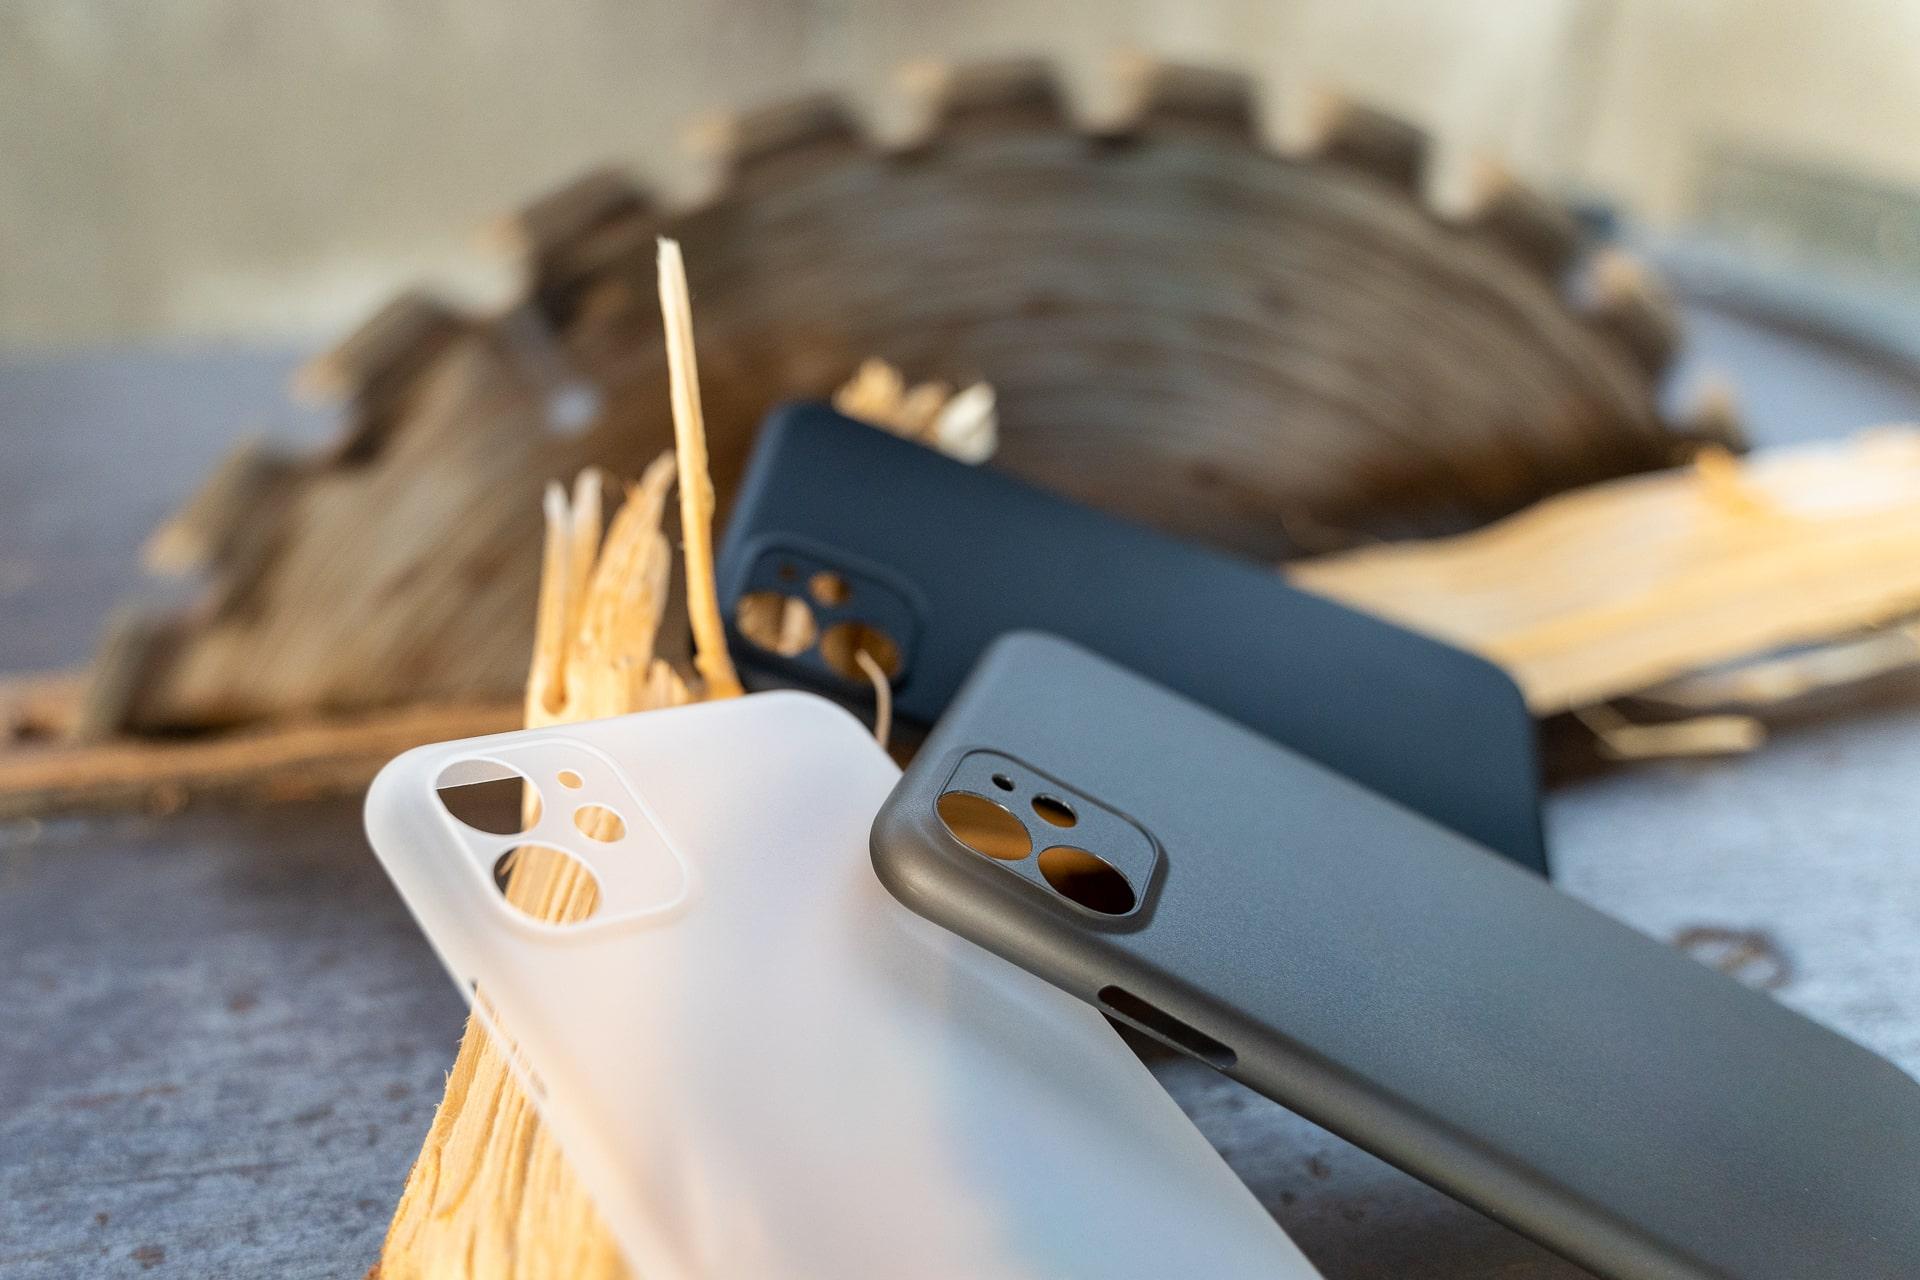 Drei verschiedene Farben der CellBee Hülle für das iPhone 11 Pro Max, Hack4Life, Fabian Geissler, Hülen auf Metalltisch, Kreissäge und Holz im Hintergrund, Test, Review, Meinung zu CellBee